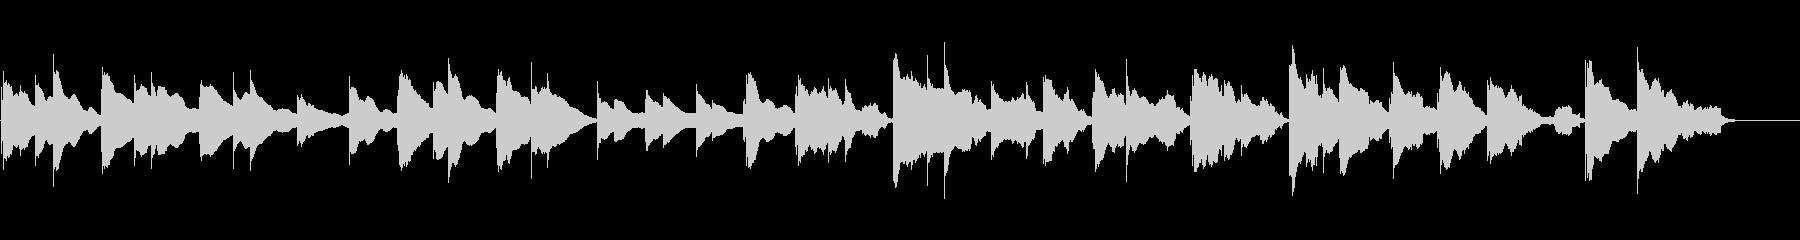 さびしい回想シーンの音楽の未再生の波形